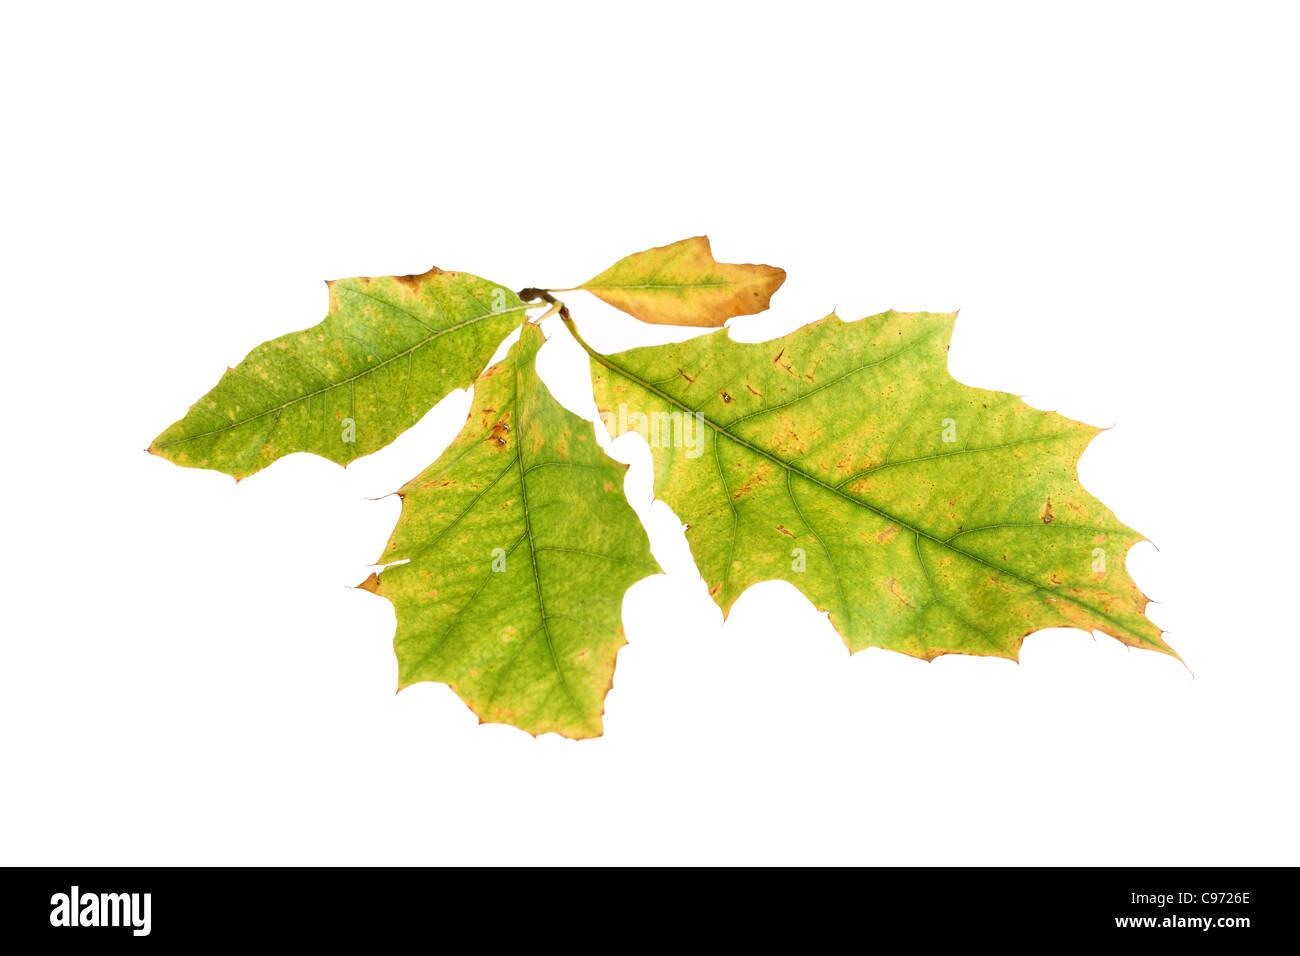 Hoja de Otoño retroiluminado (roble de Turquía) mostrando el cambio de color en el color verde de la clorofila, el pigmento amarillo Foto de stock